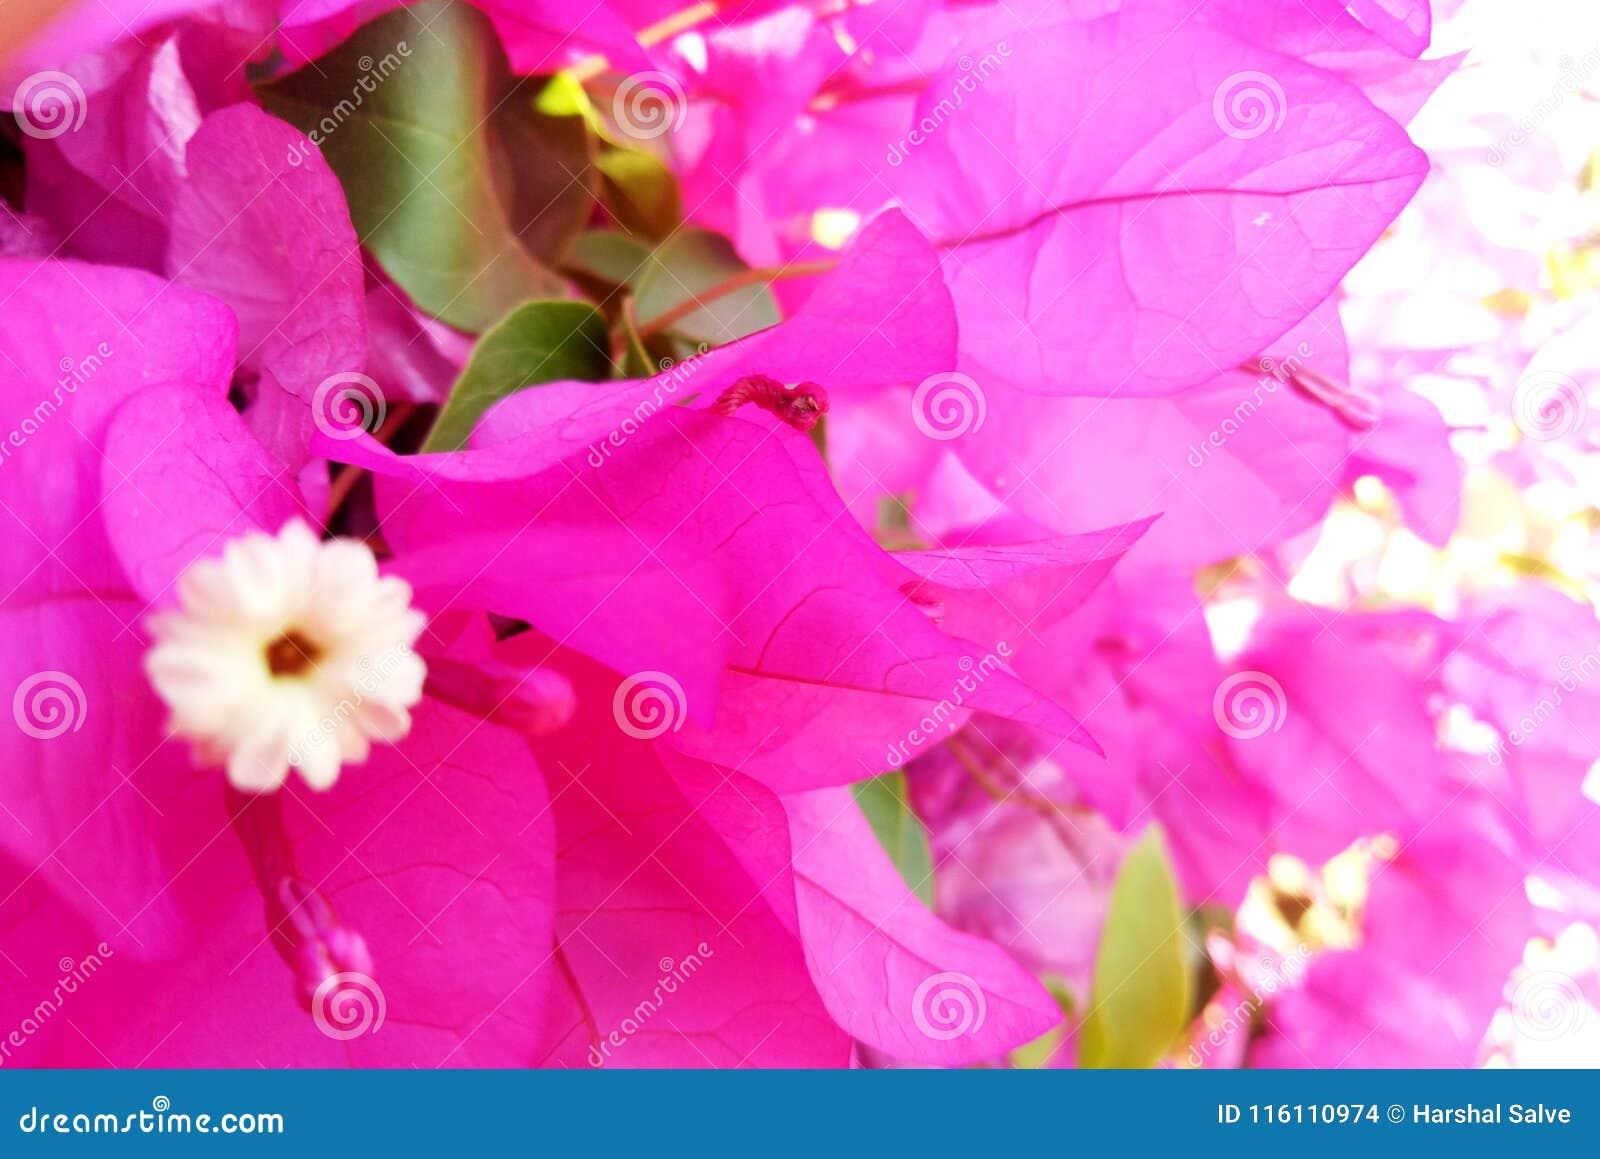 Lavender Color Petals in Garden